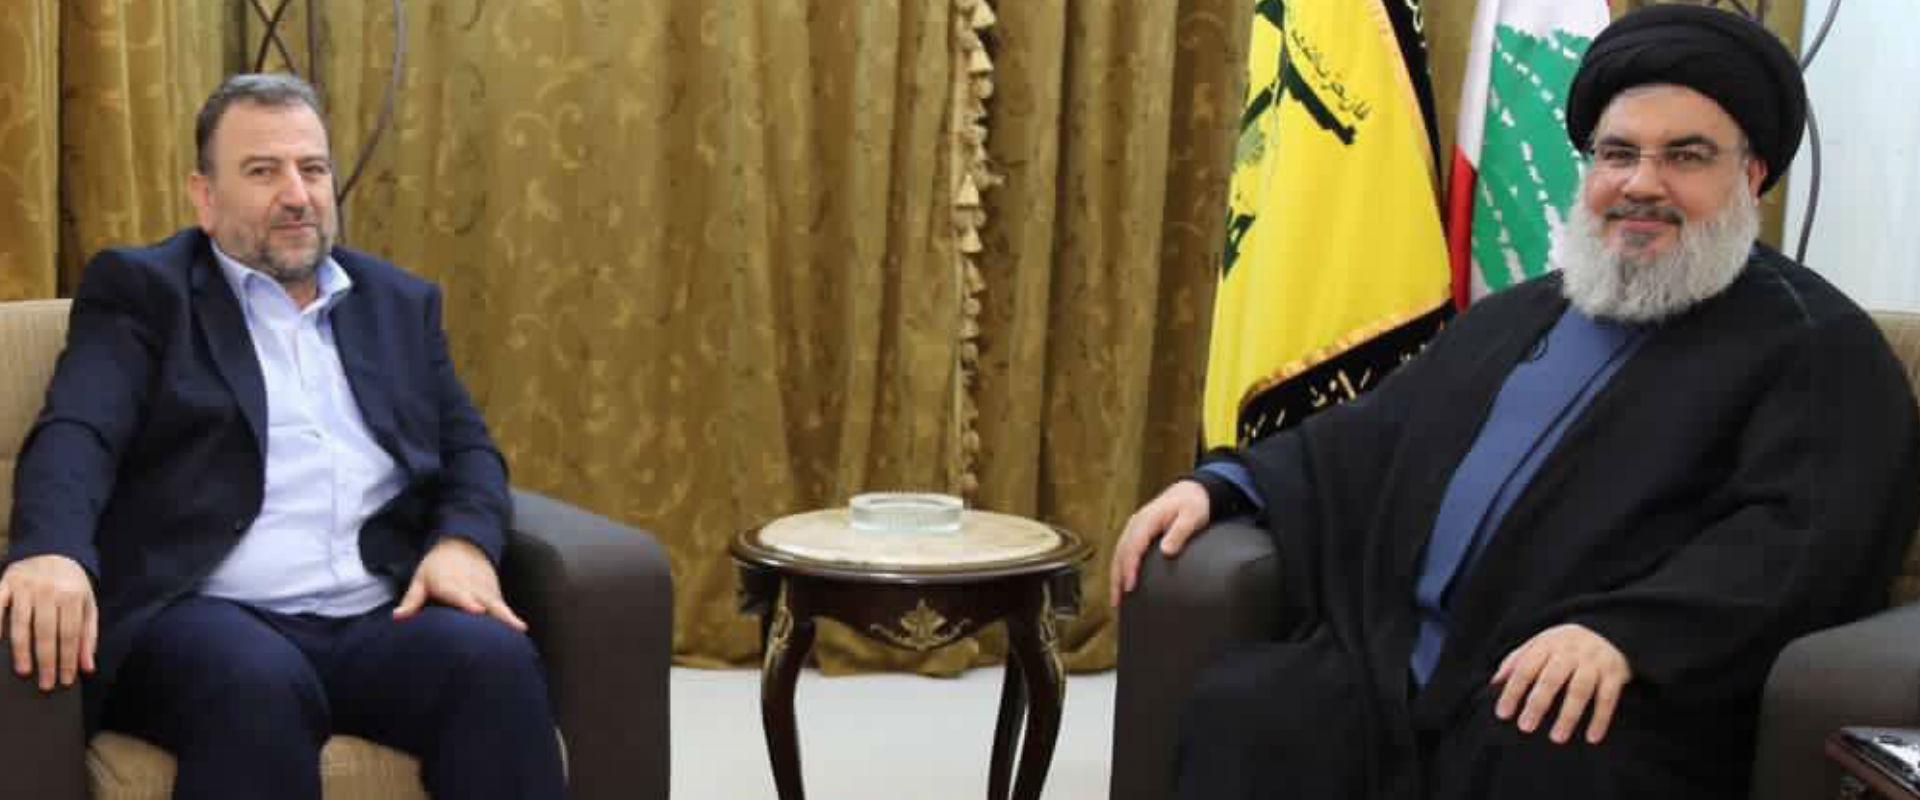 """סגן מזכ""""ל חיזבאללה, נעים קאסם, לצד נשיא איראן לשעב"""